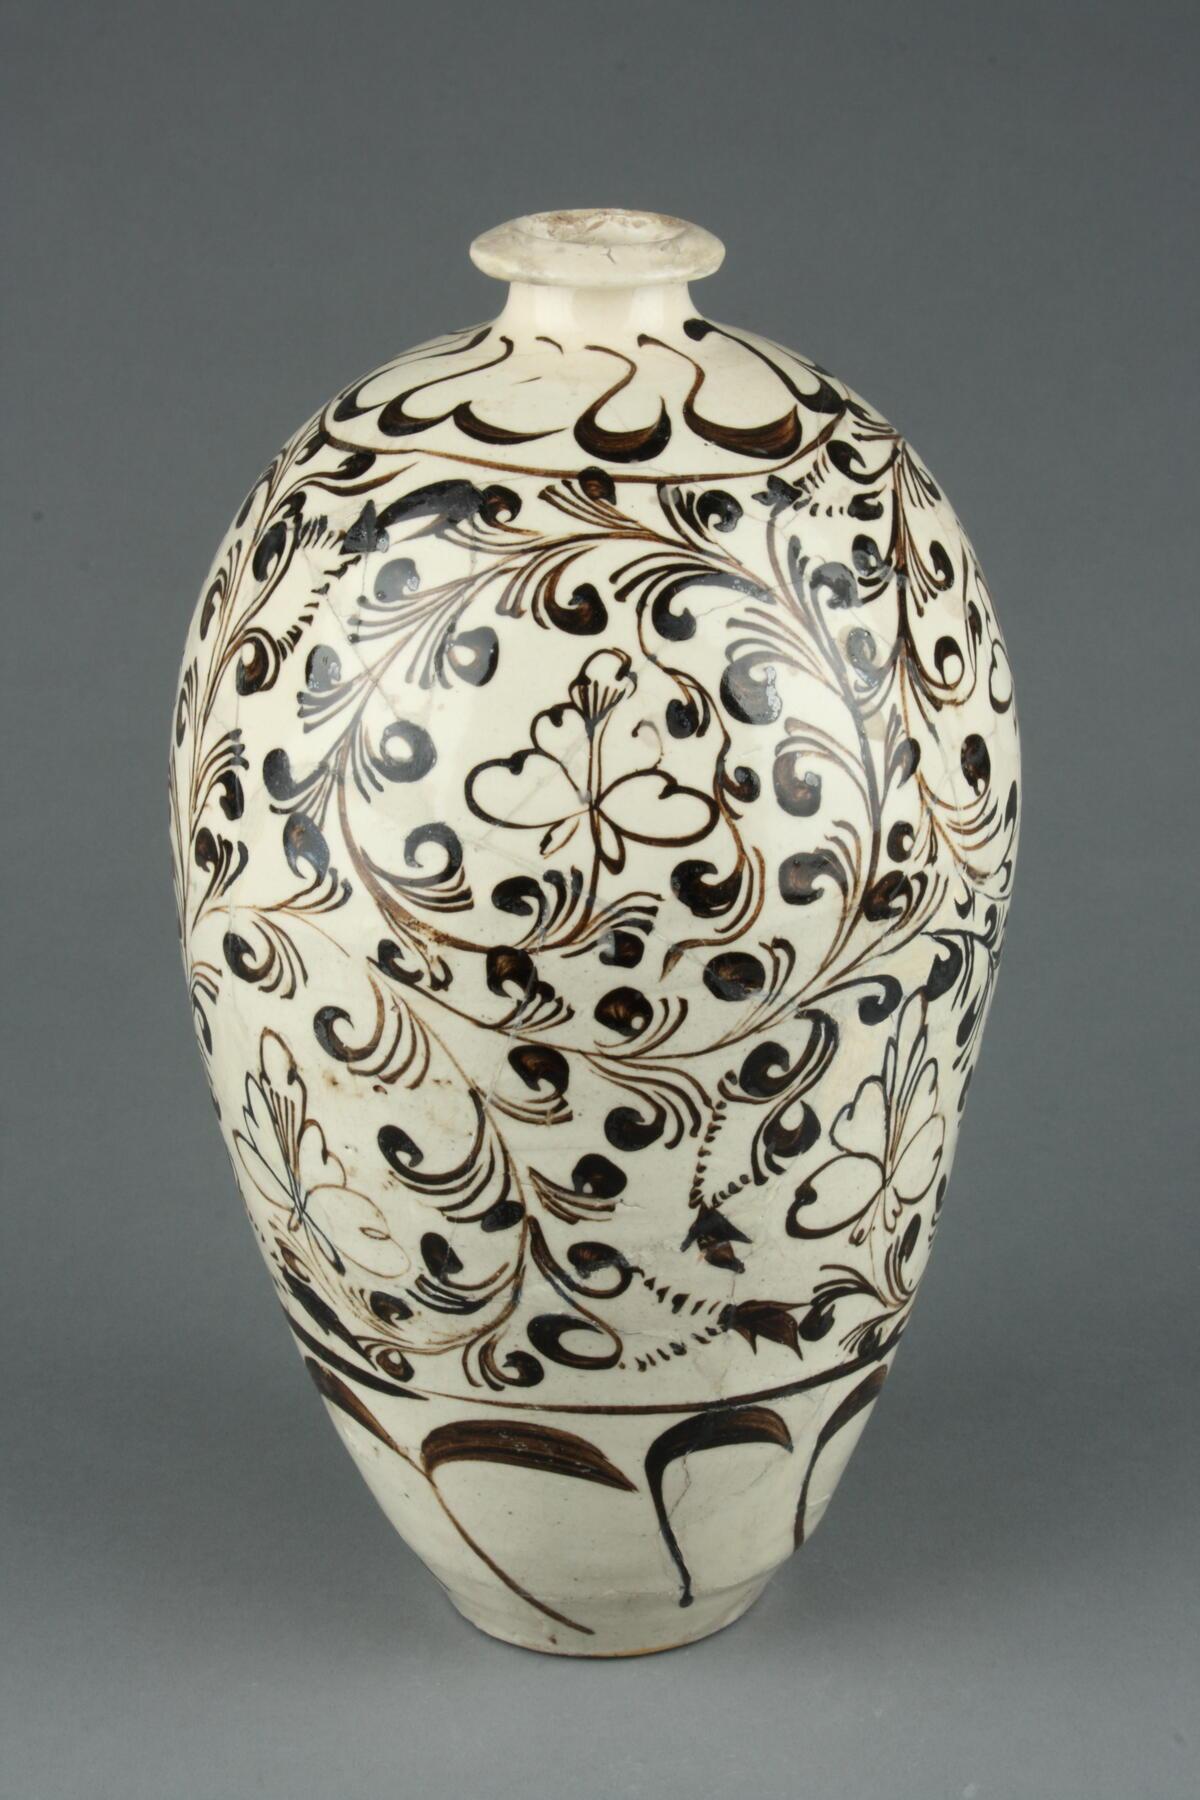 中国古代北方最大的民窑体系蕴含哪些艺术智慧?磁州窑精品瓷器赴青瓷故乡展出